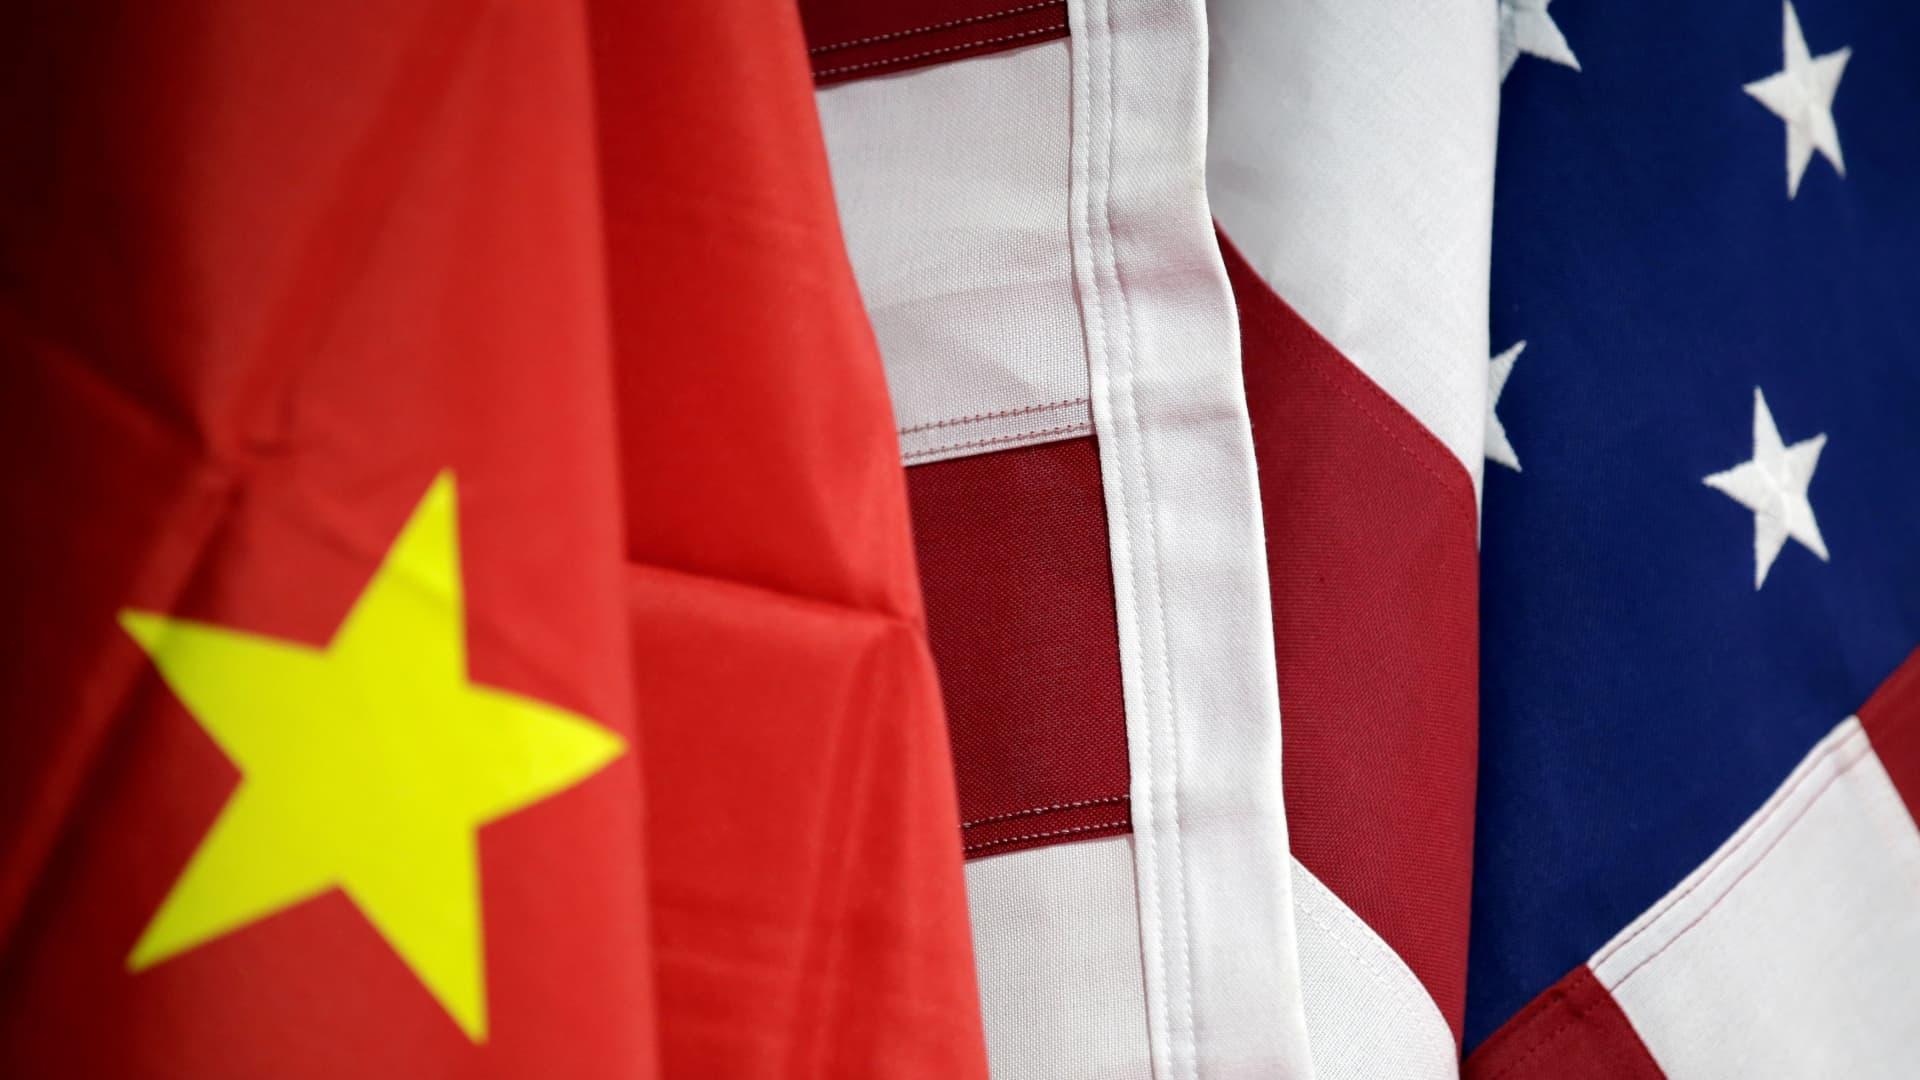 Trung Quốc tuyên bố đáp trả vụ Mỹ hủy niêm yết 3 công ty khỏi NYSE